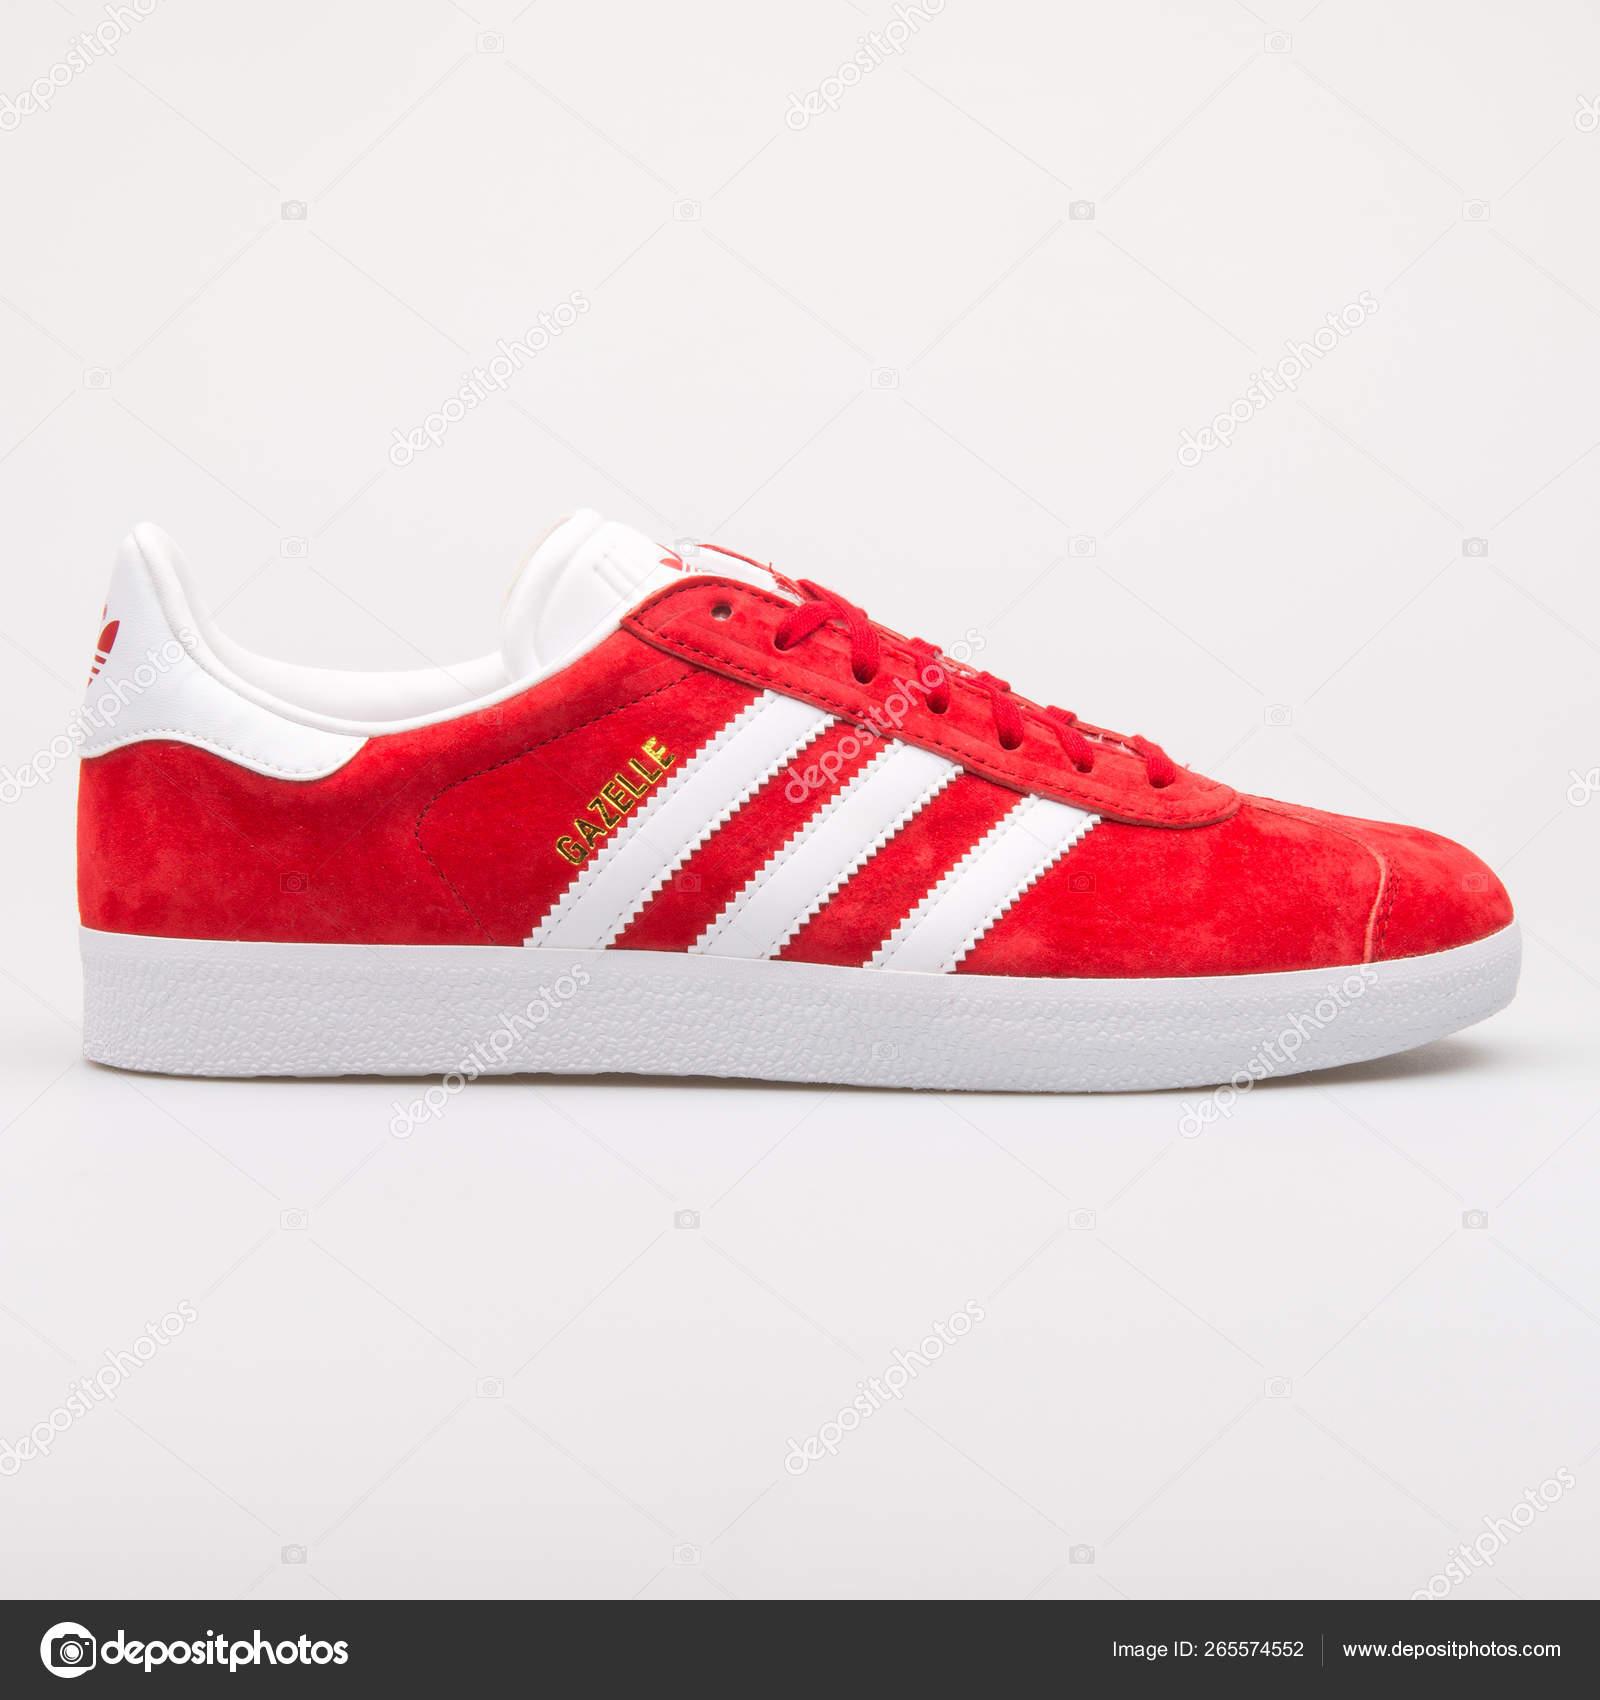 spotykać się buty do separacji Nowy Jork Adidas Gazelle red and white sneaker – Stock Editorial Photo ...